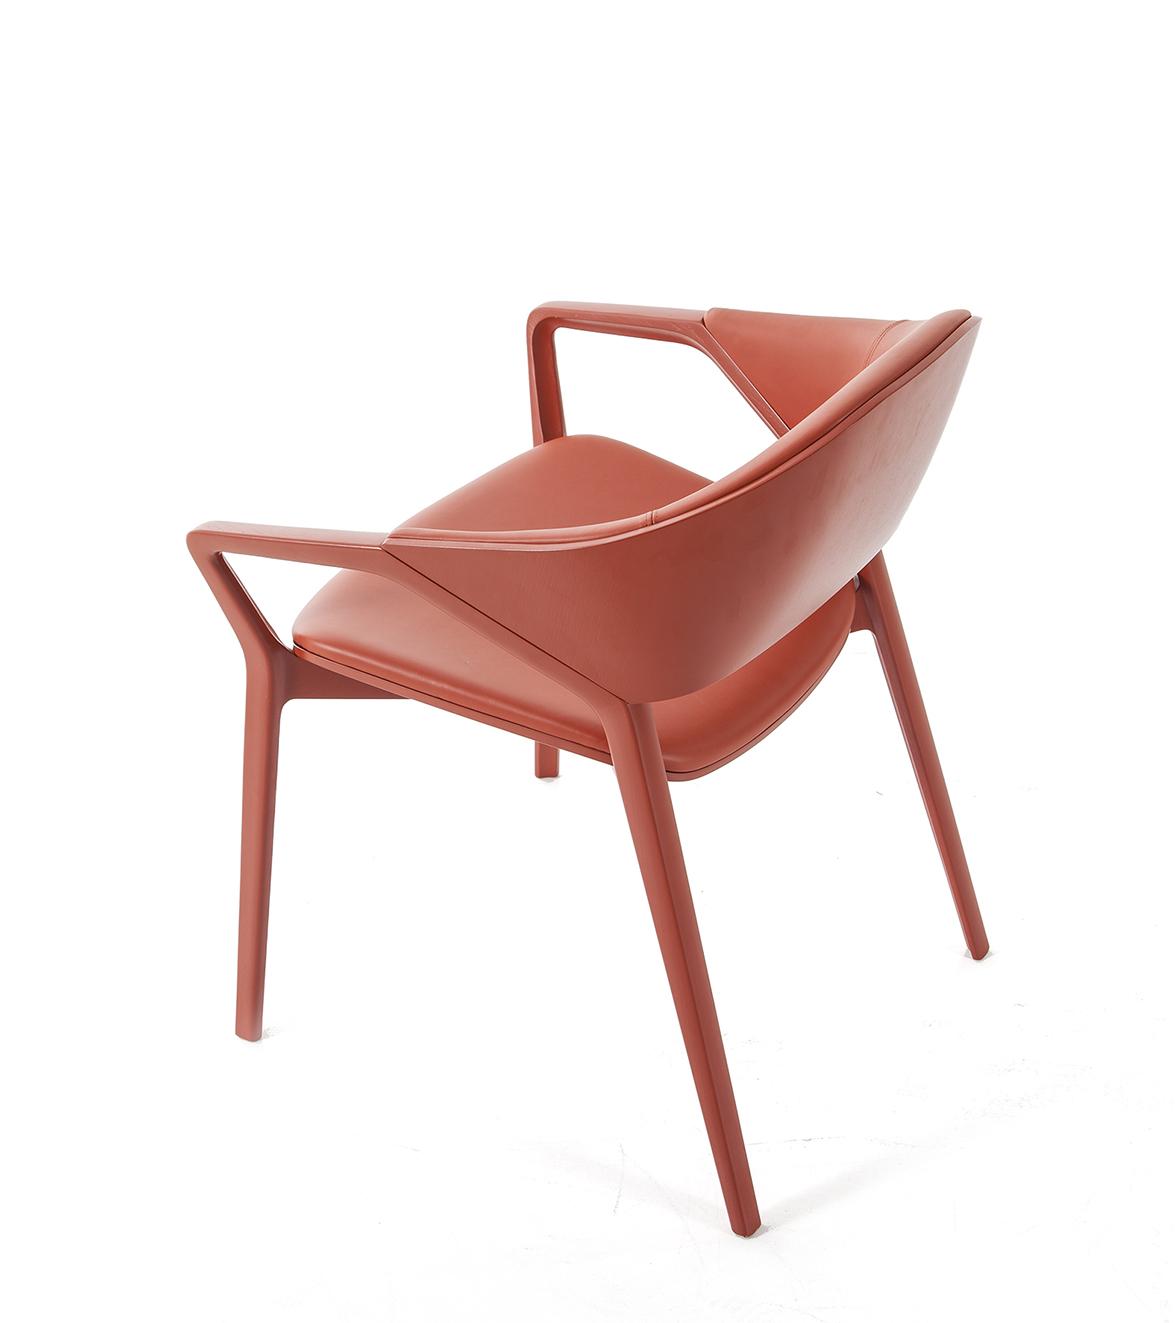 5_CASSINA_Ico chair_Ora Ito